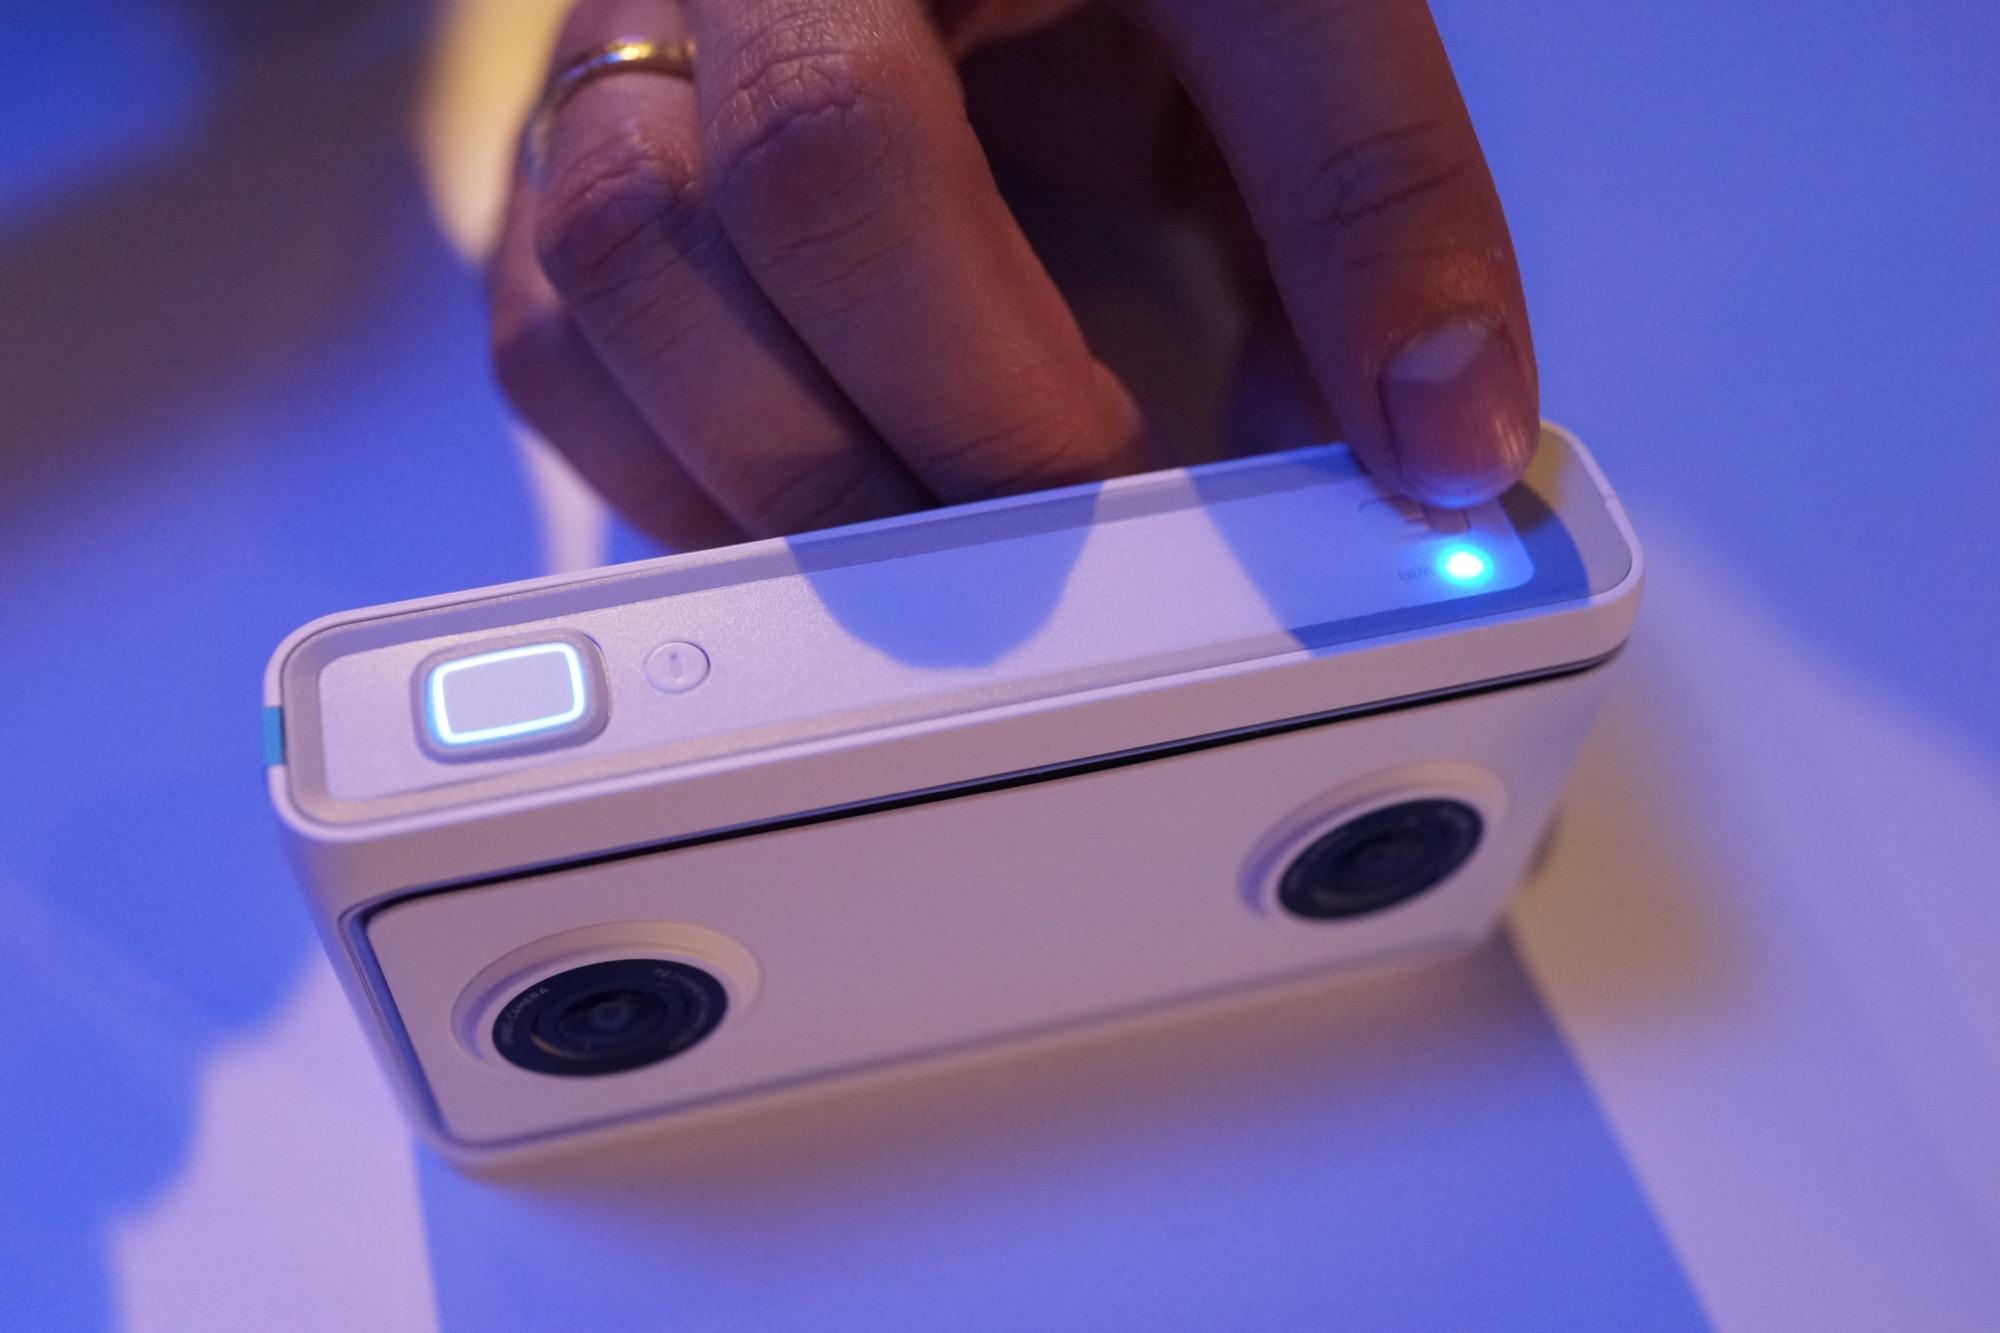 Mirage Solo : Lenovo y va aussi de son casque VR autonome